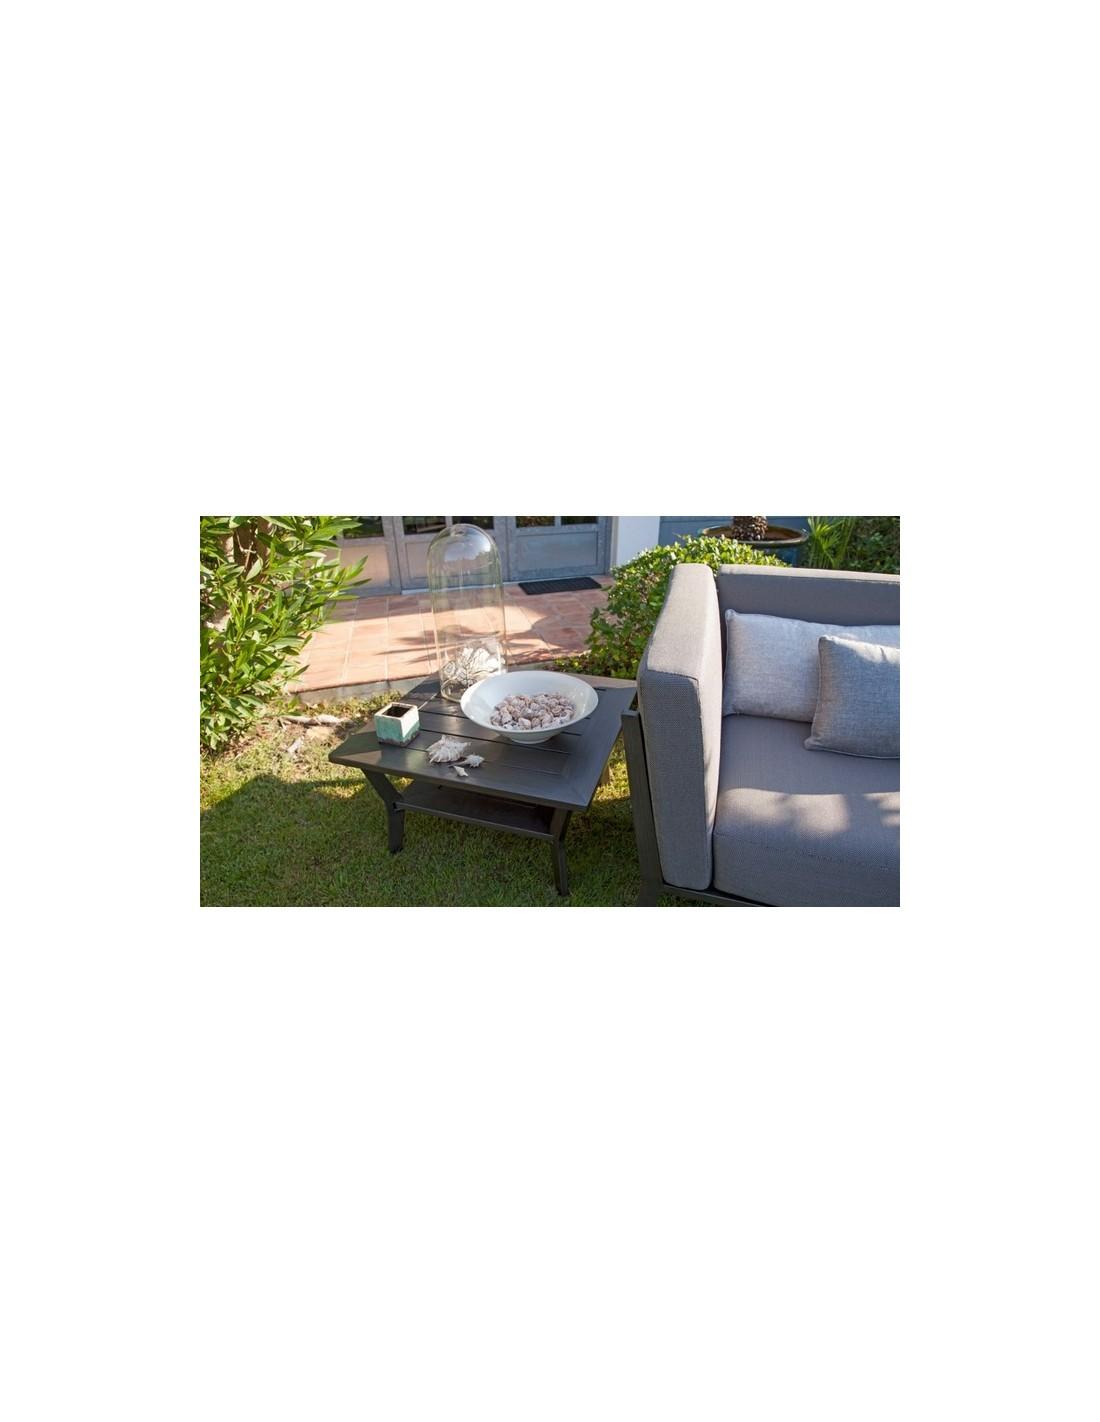 Sofa table basse Latino en aluminium 66 x 66 cm - Proloisirs